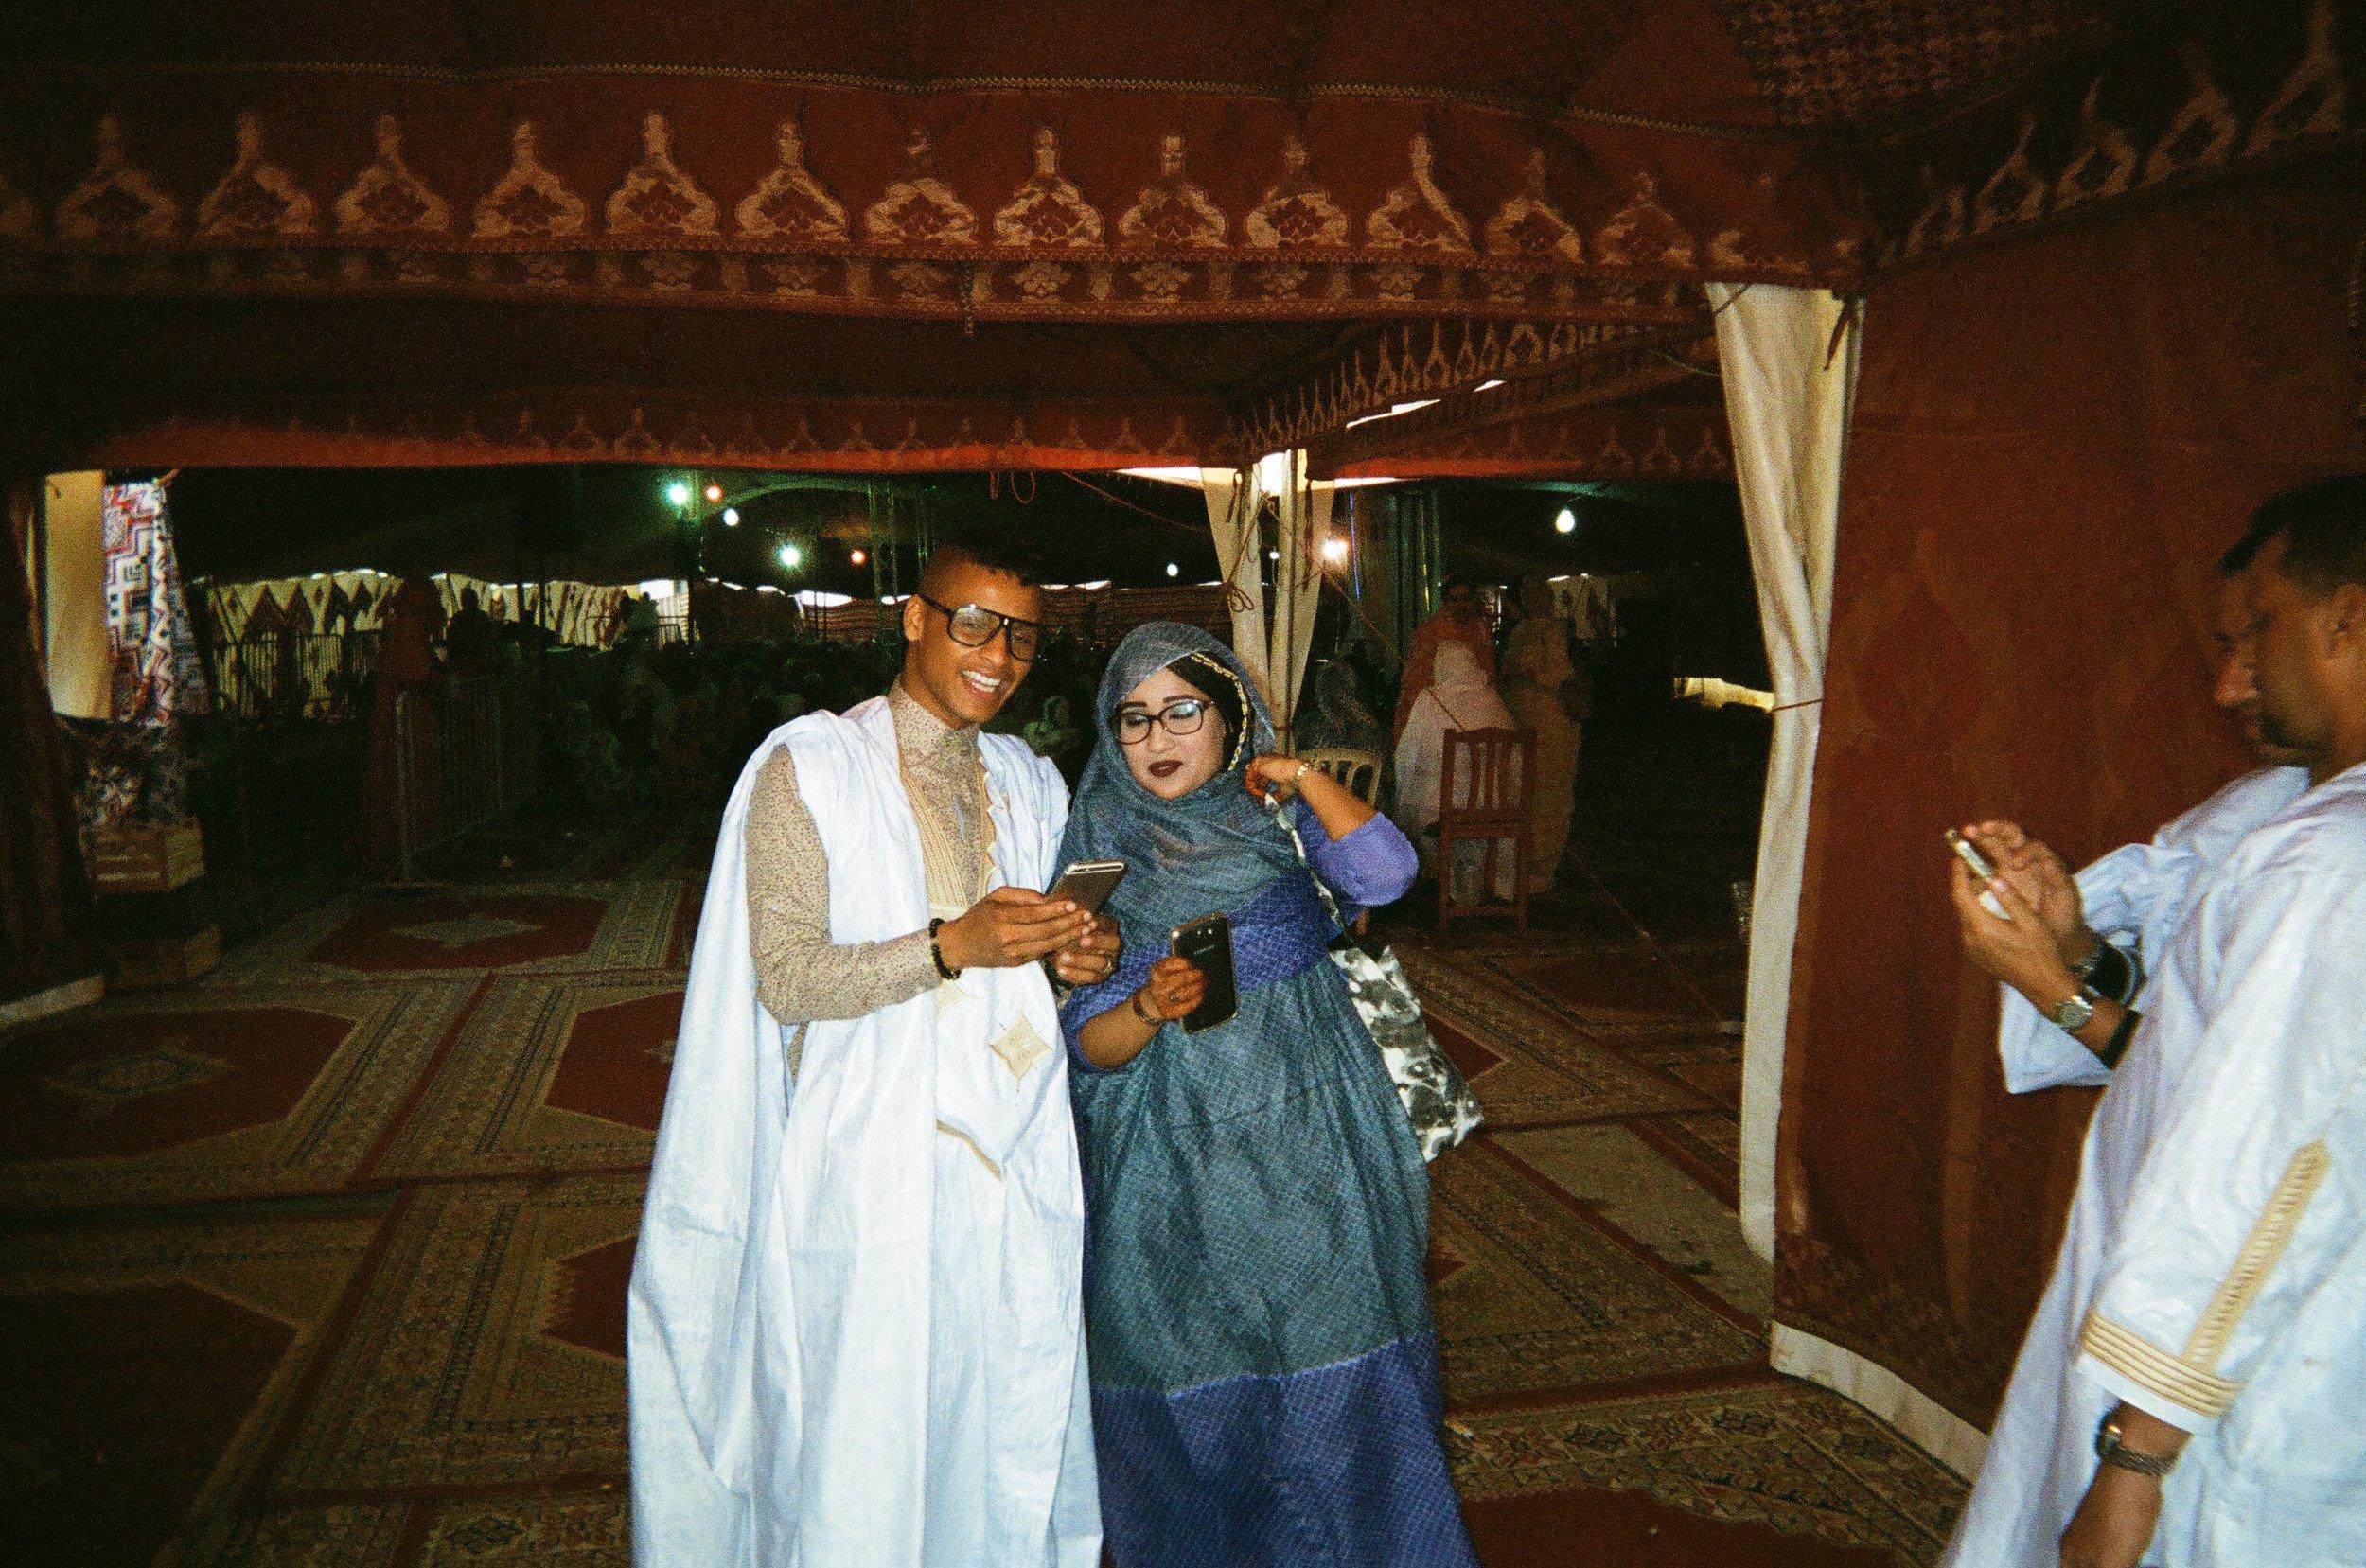 Omar and Haijara